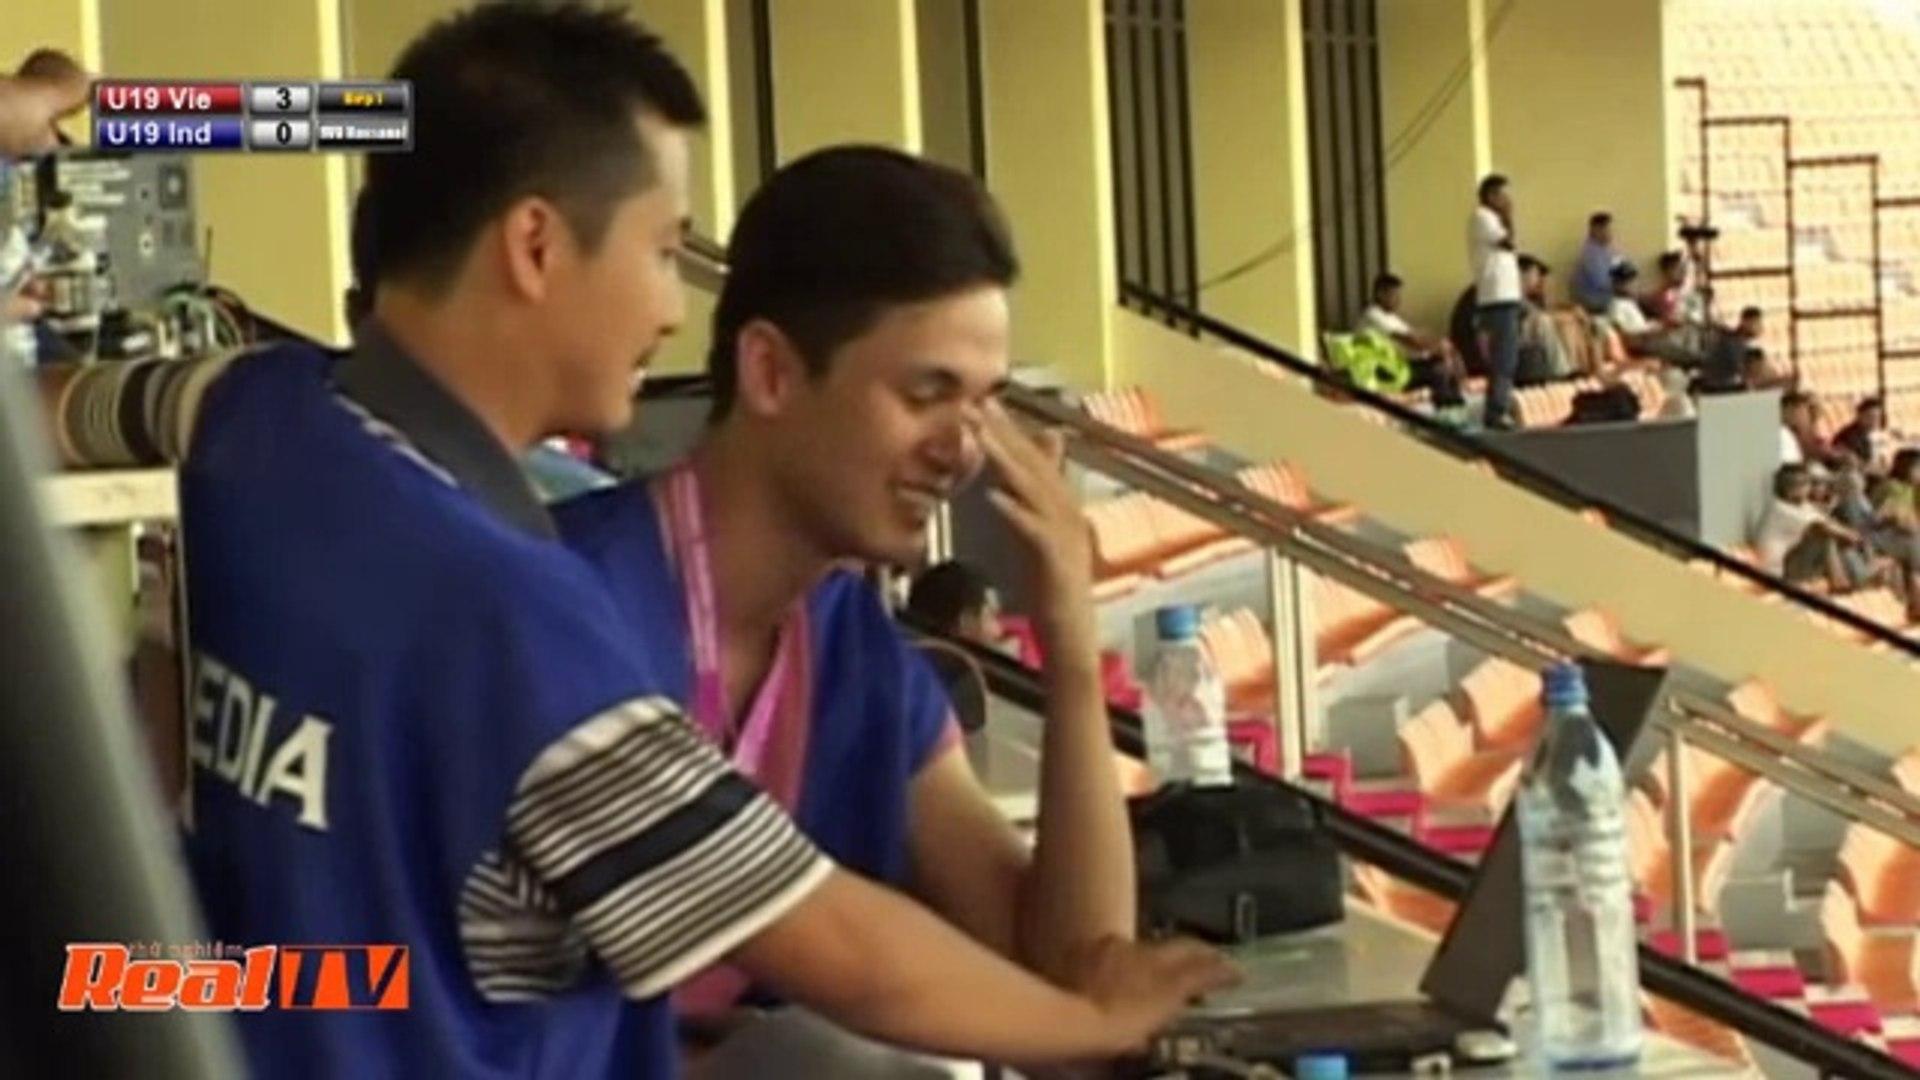 Link trực tiếp trận U19 Vietnam vs U19 Indonesia [13/8/2014]